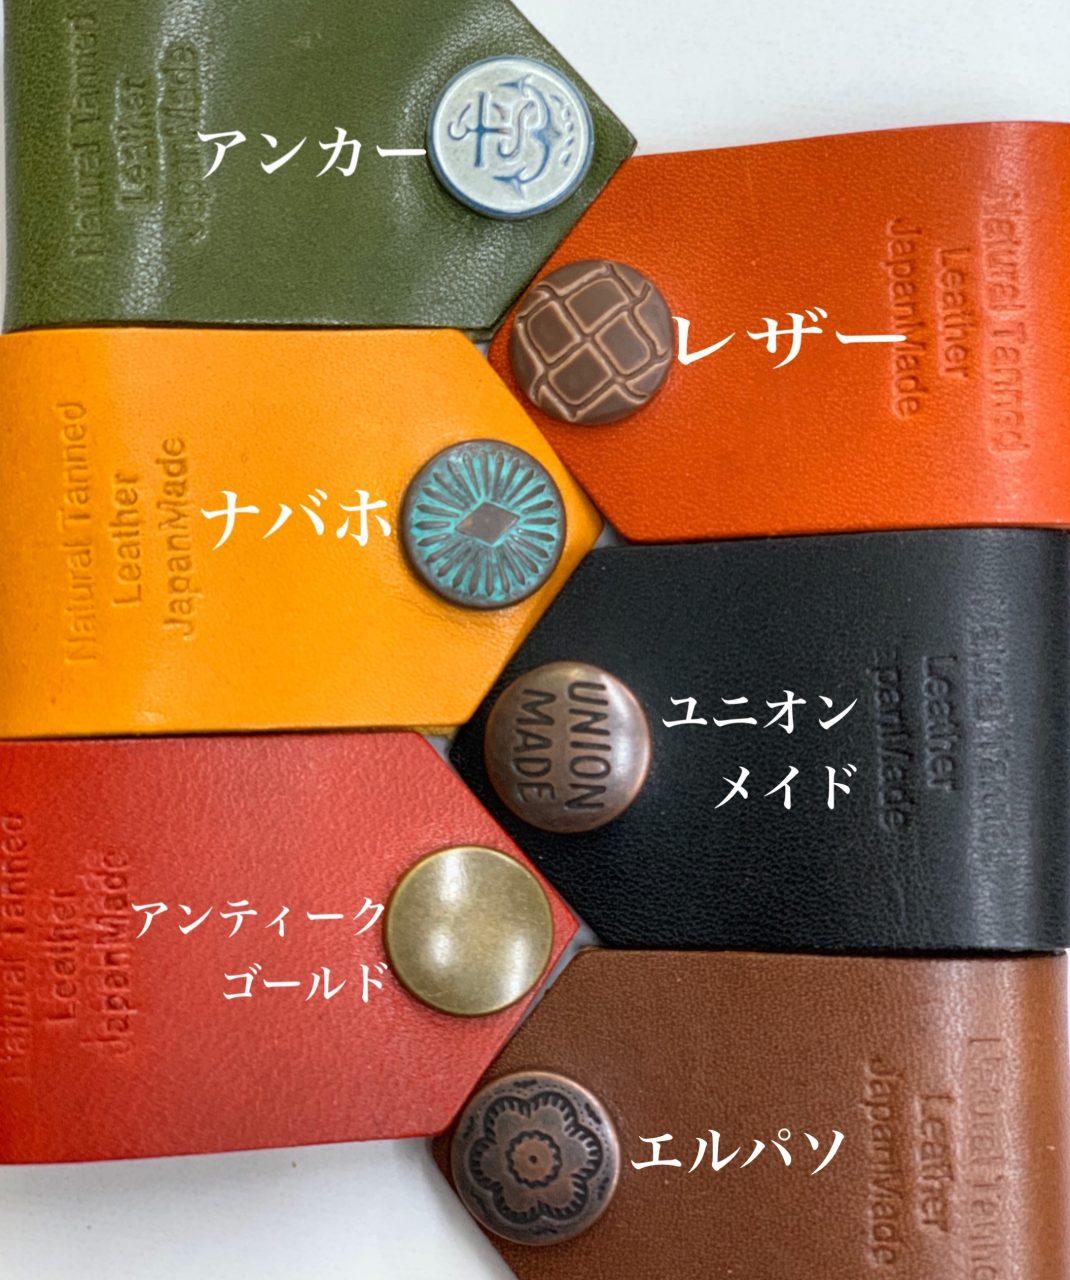 栃木レザー ケーブルホルダー コードホルダー コード クリップ イヤホンコード収納 本革 日本製 自社生産